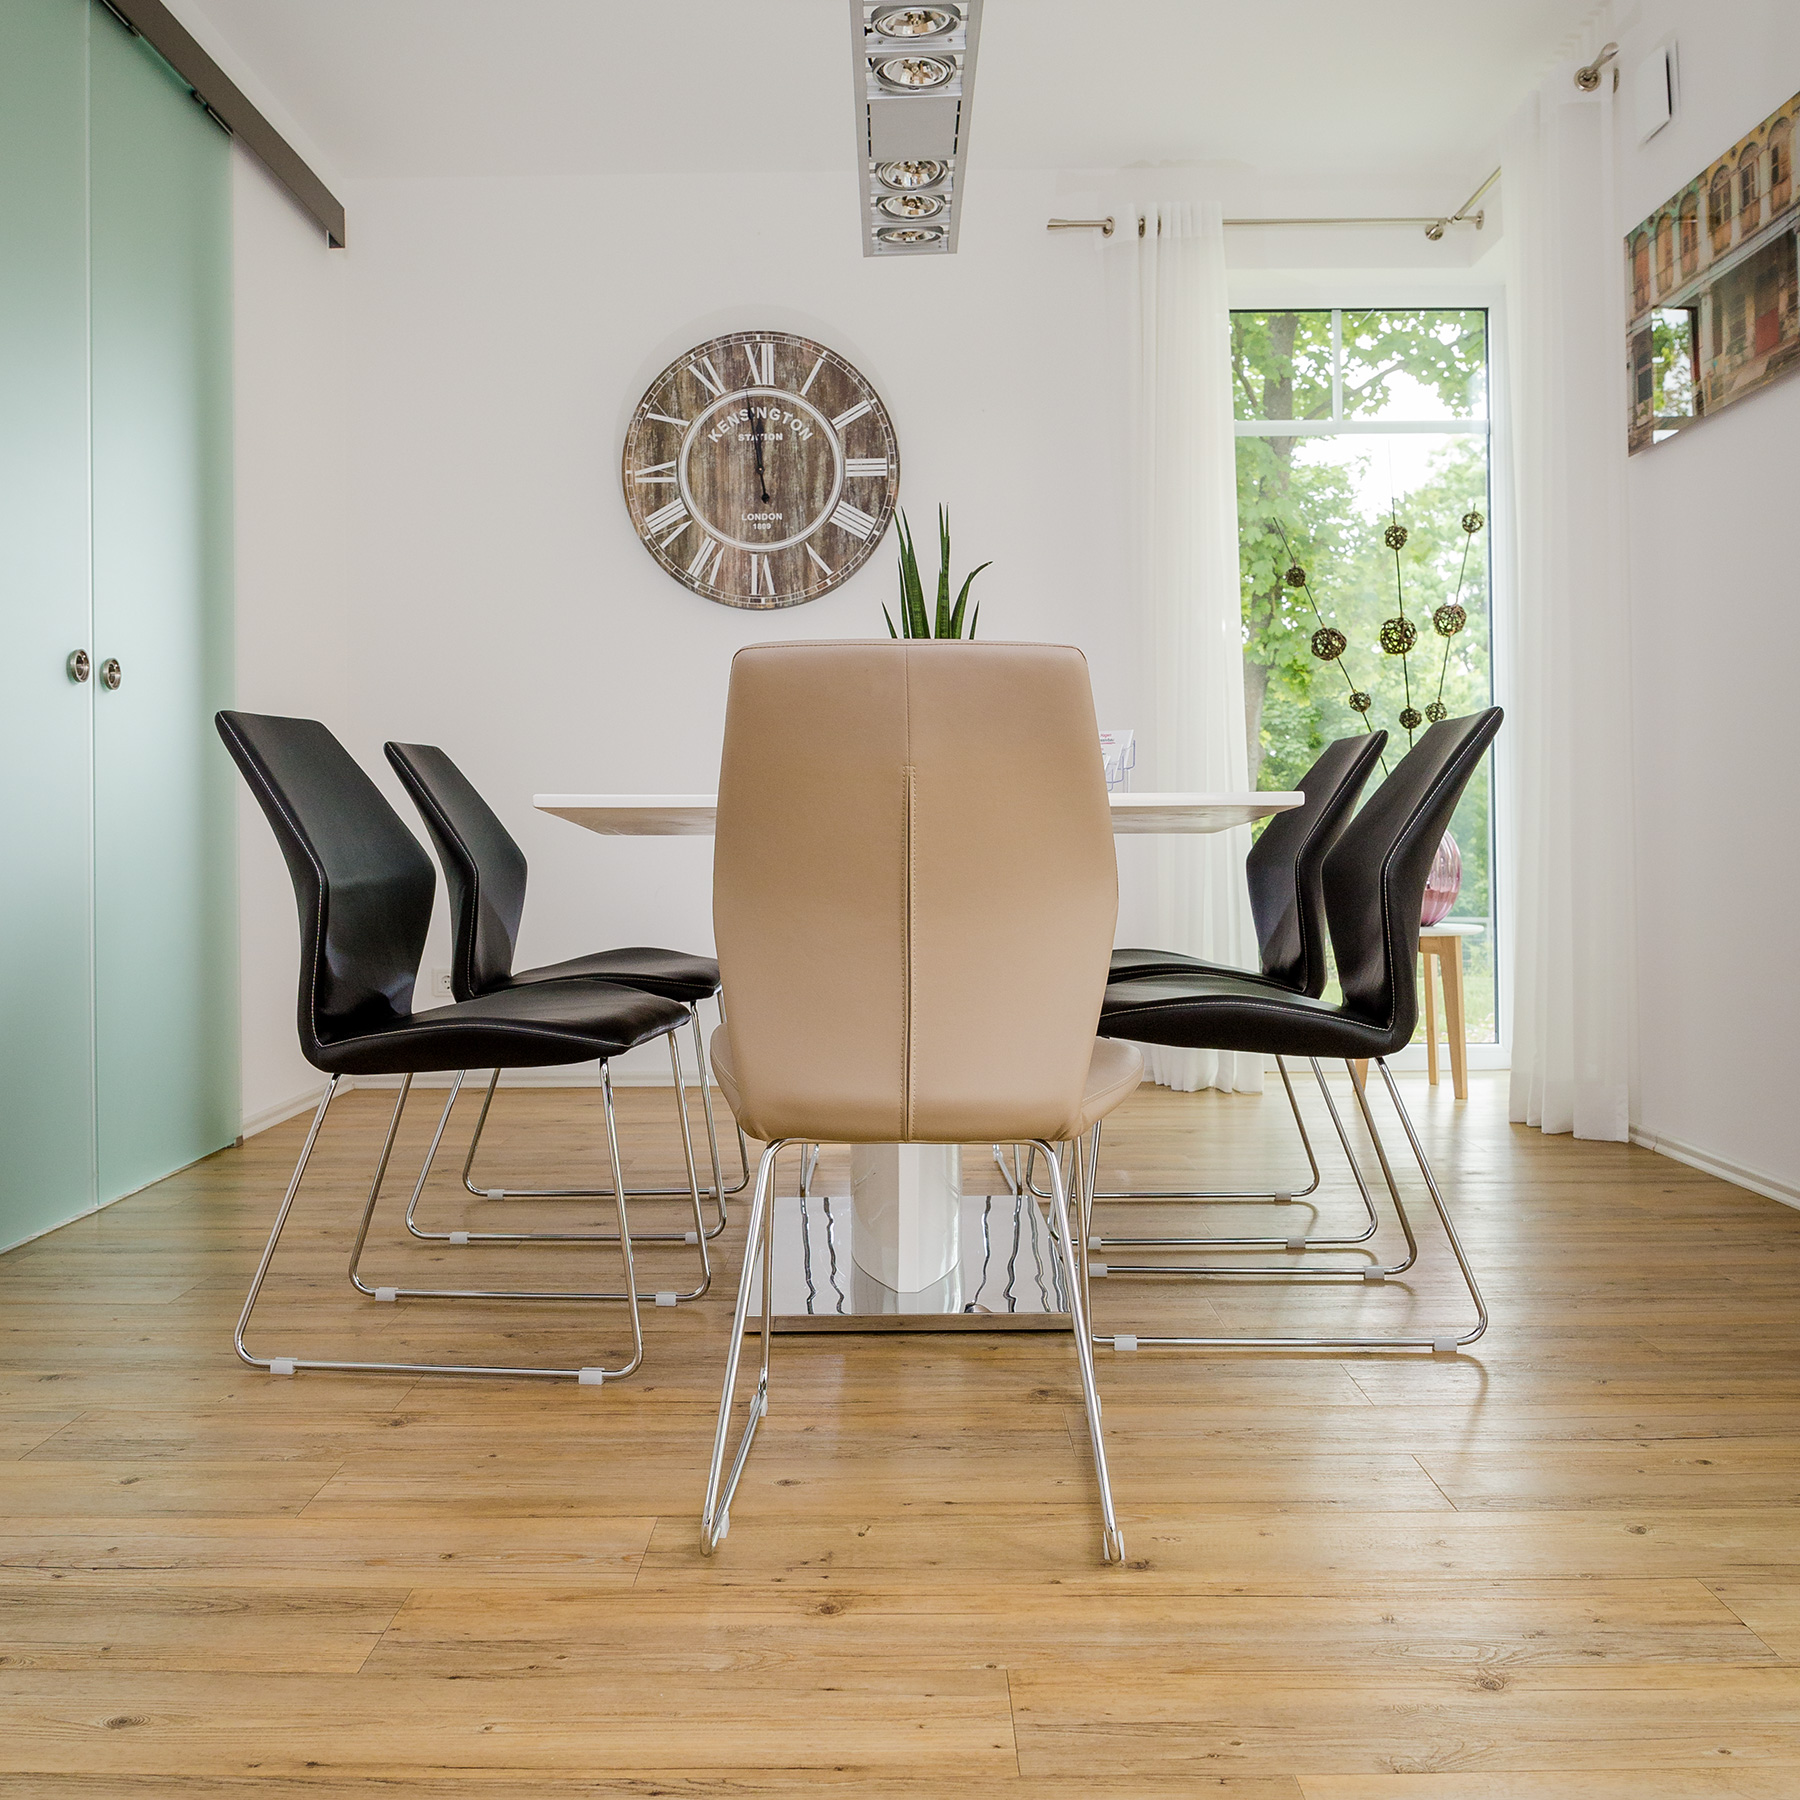 Interior; Architektur; Design; Haus; Image